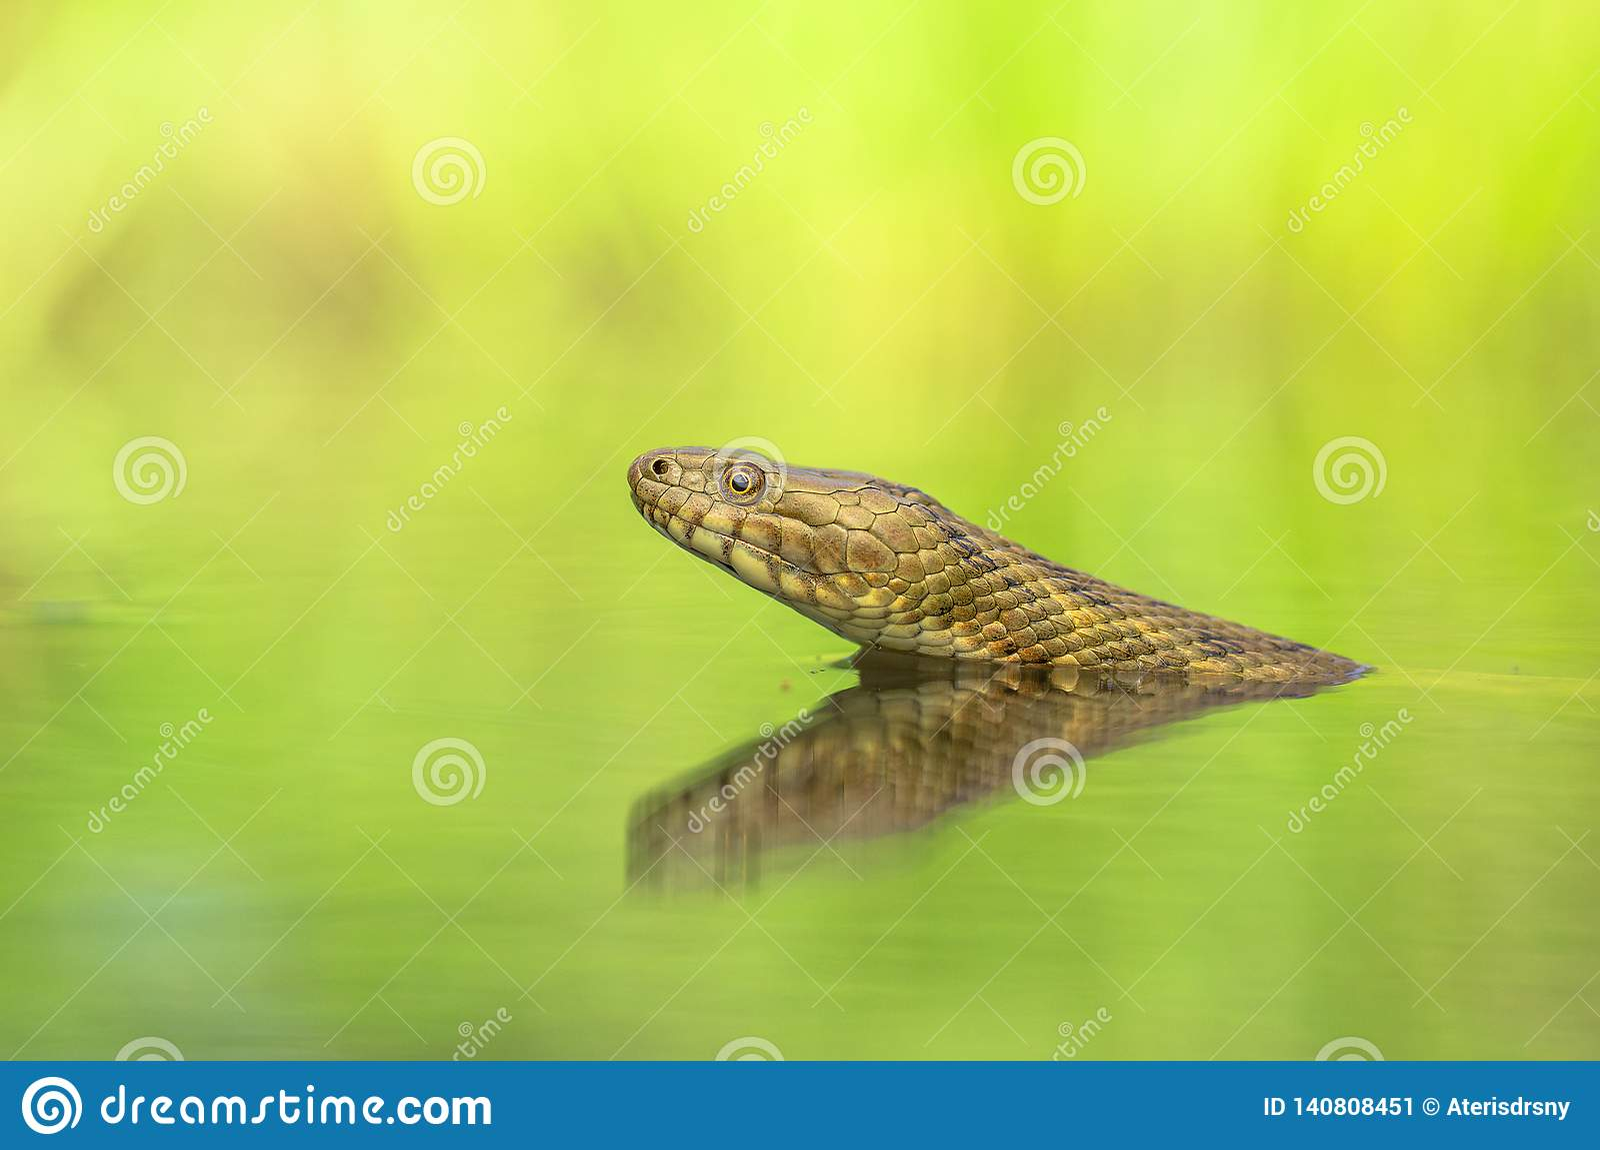 Tessellata ужа змейки кости в чехии